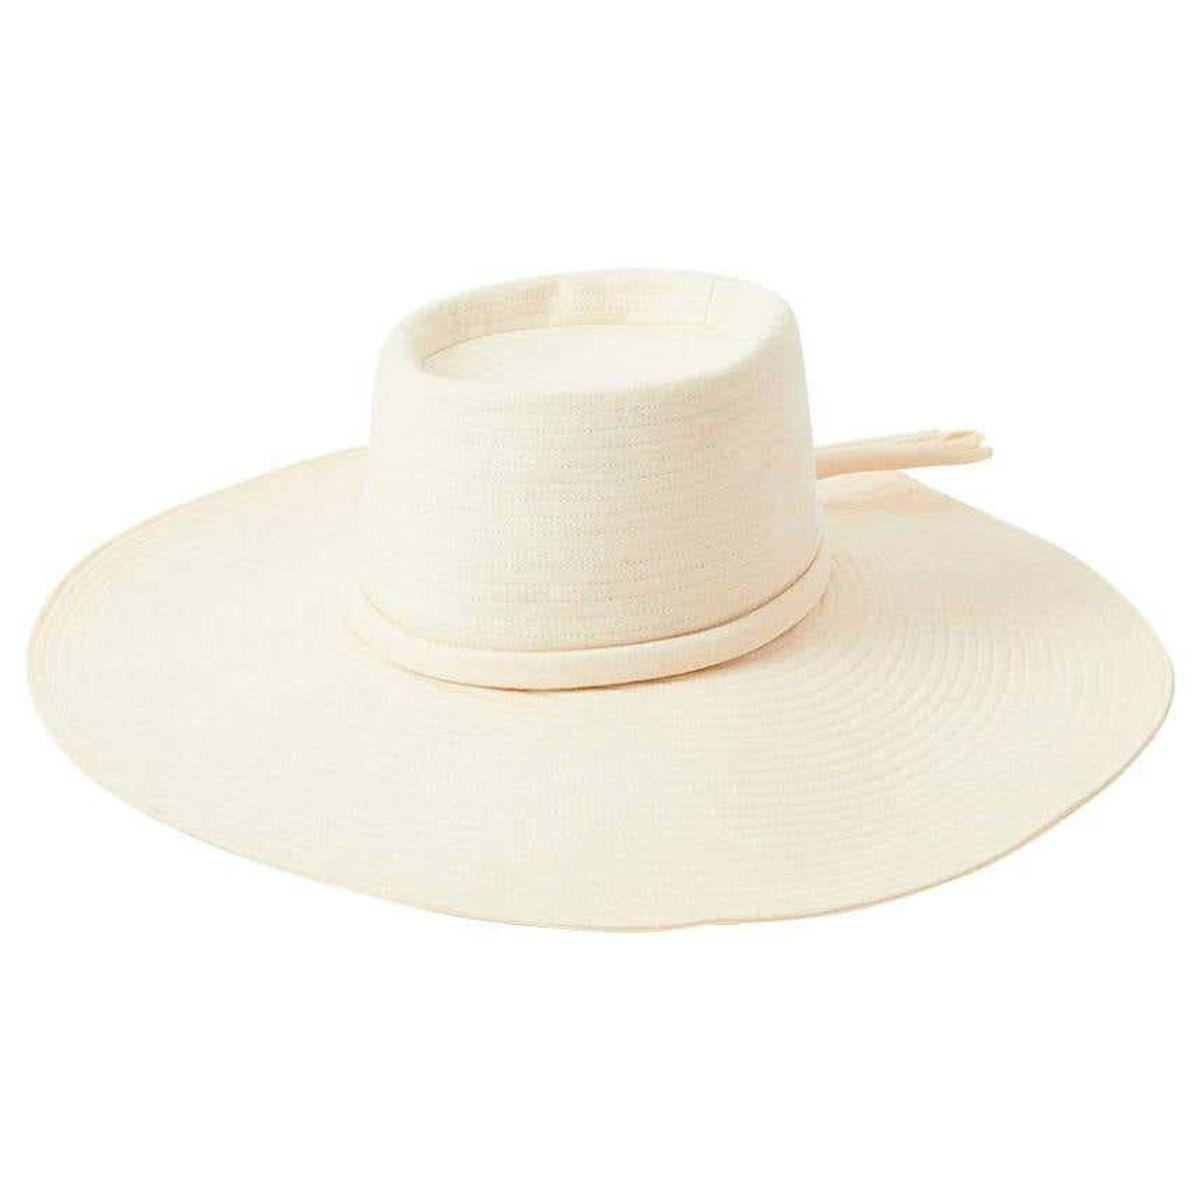 yves saint laurent cream tone wide brim hat